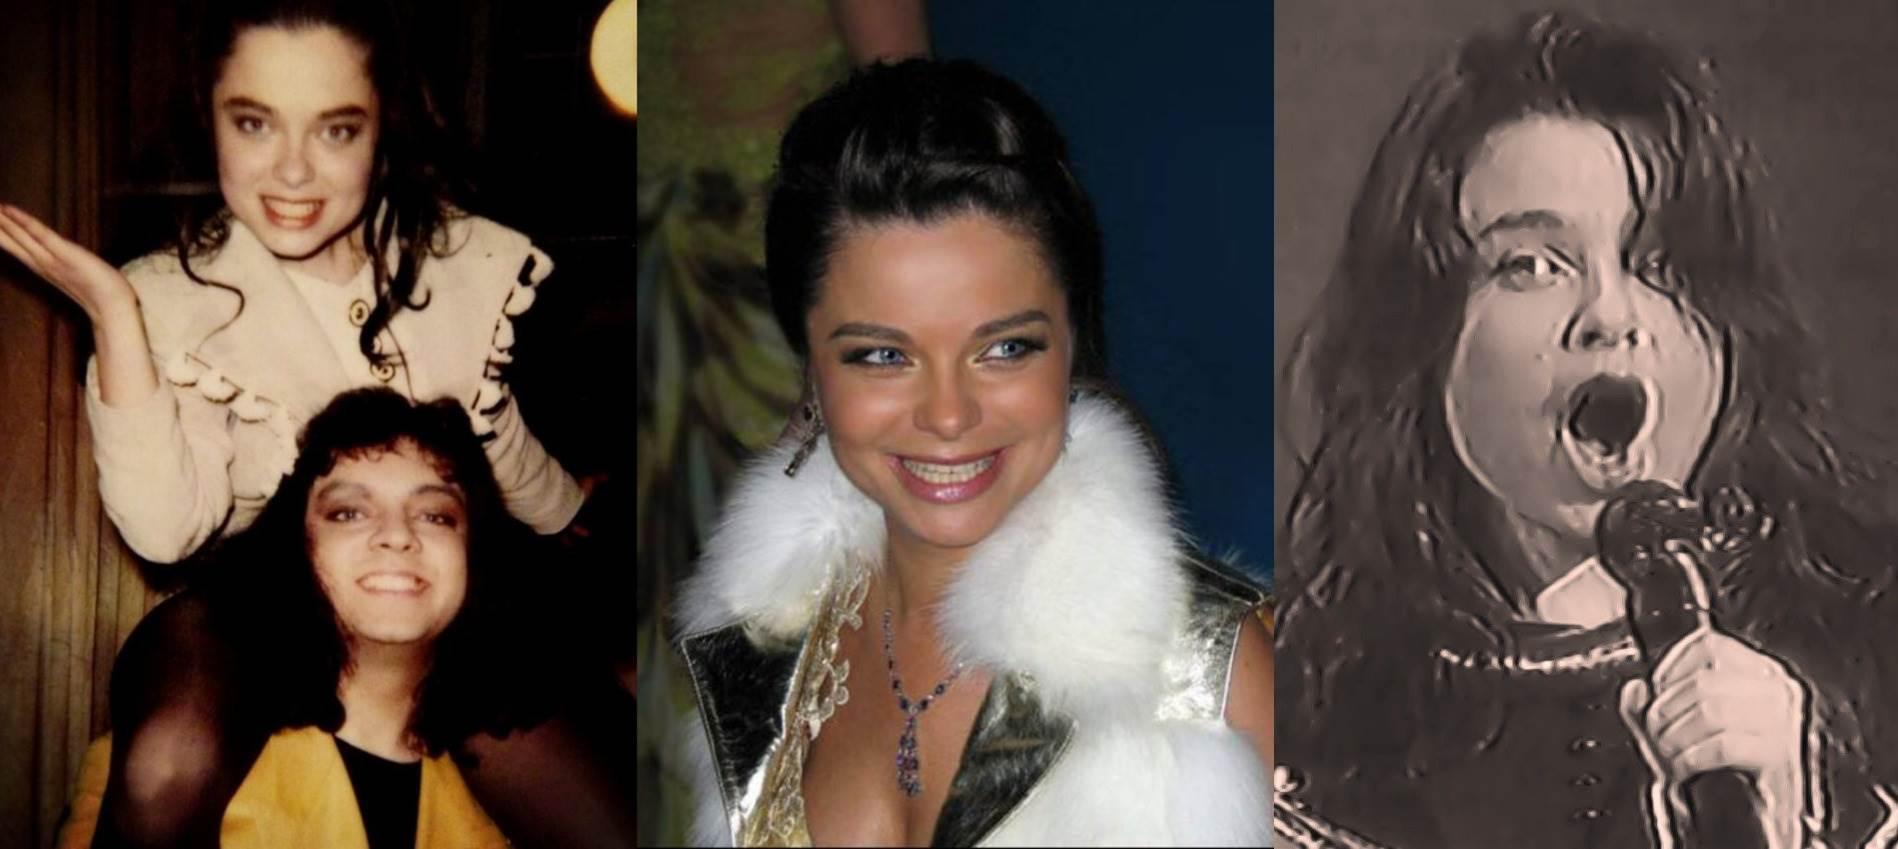 Как в молодости выглядела Наташа Королева (20 фото)